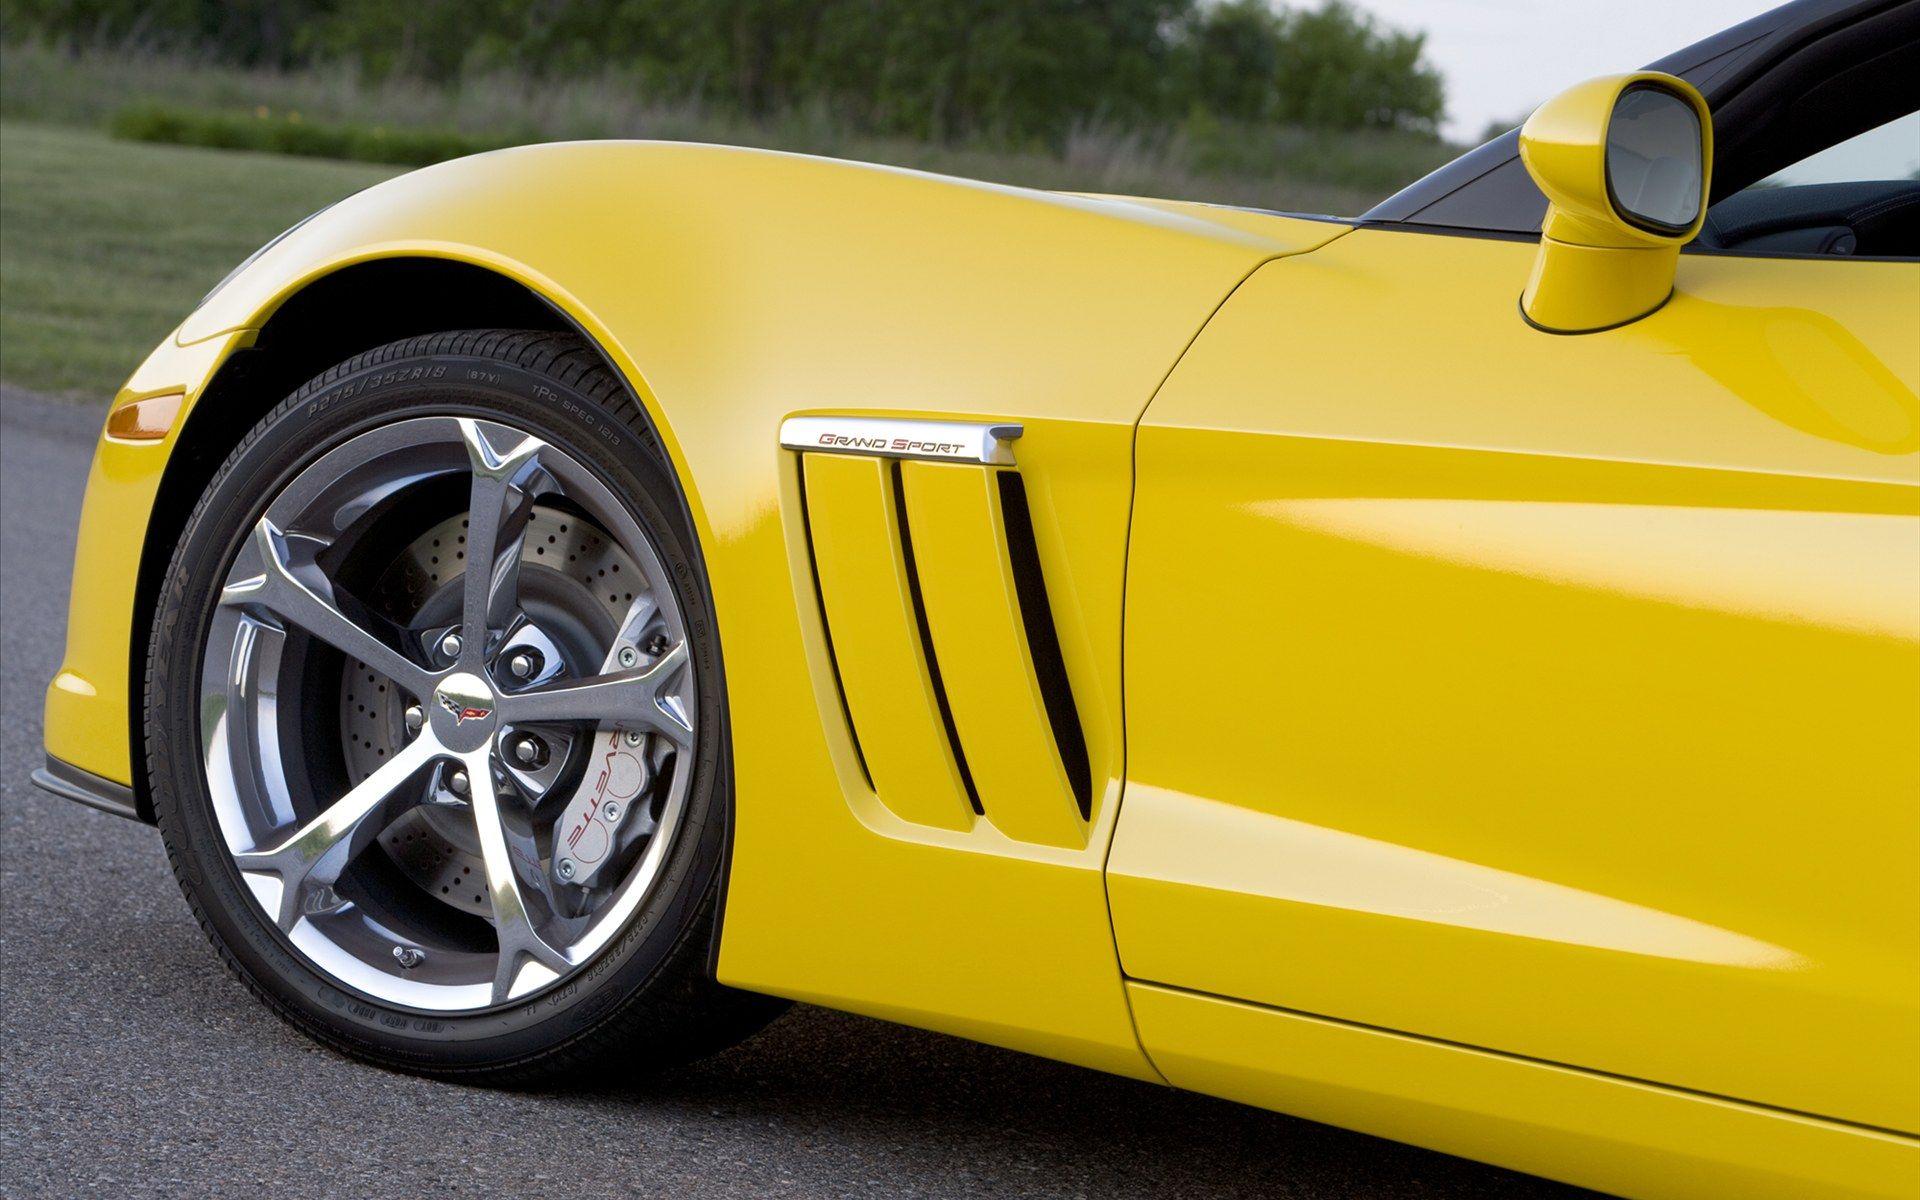 Chevrolet Corvette Grand Sport Lt Hd Car Wallpaper Hd Corvettes